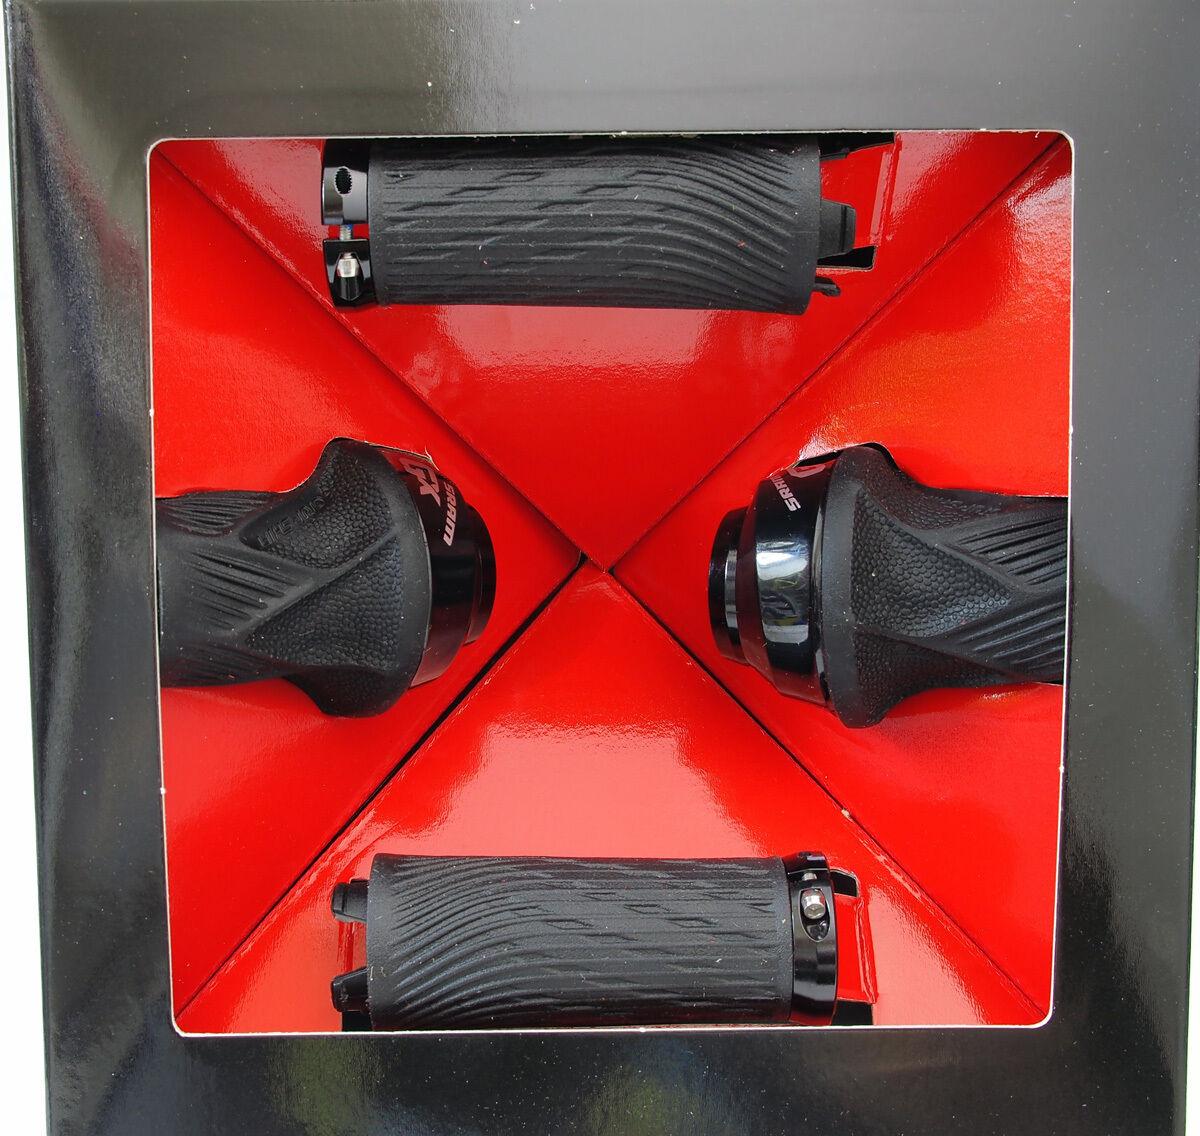 SRAM GX 2x11 Spd Grip Shift Twist Shifter Set ROT, Fit GX 2x11 Group, New In Box